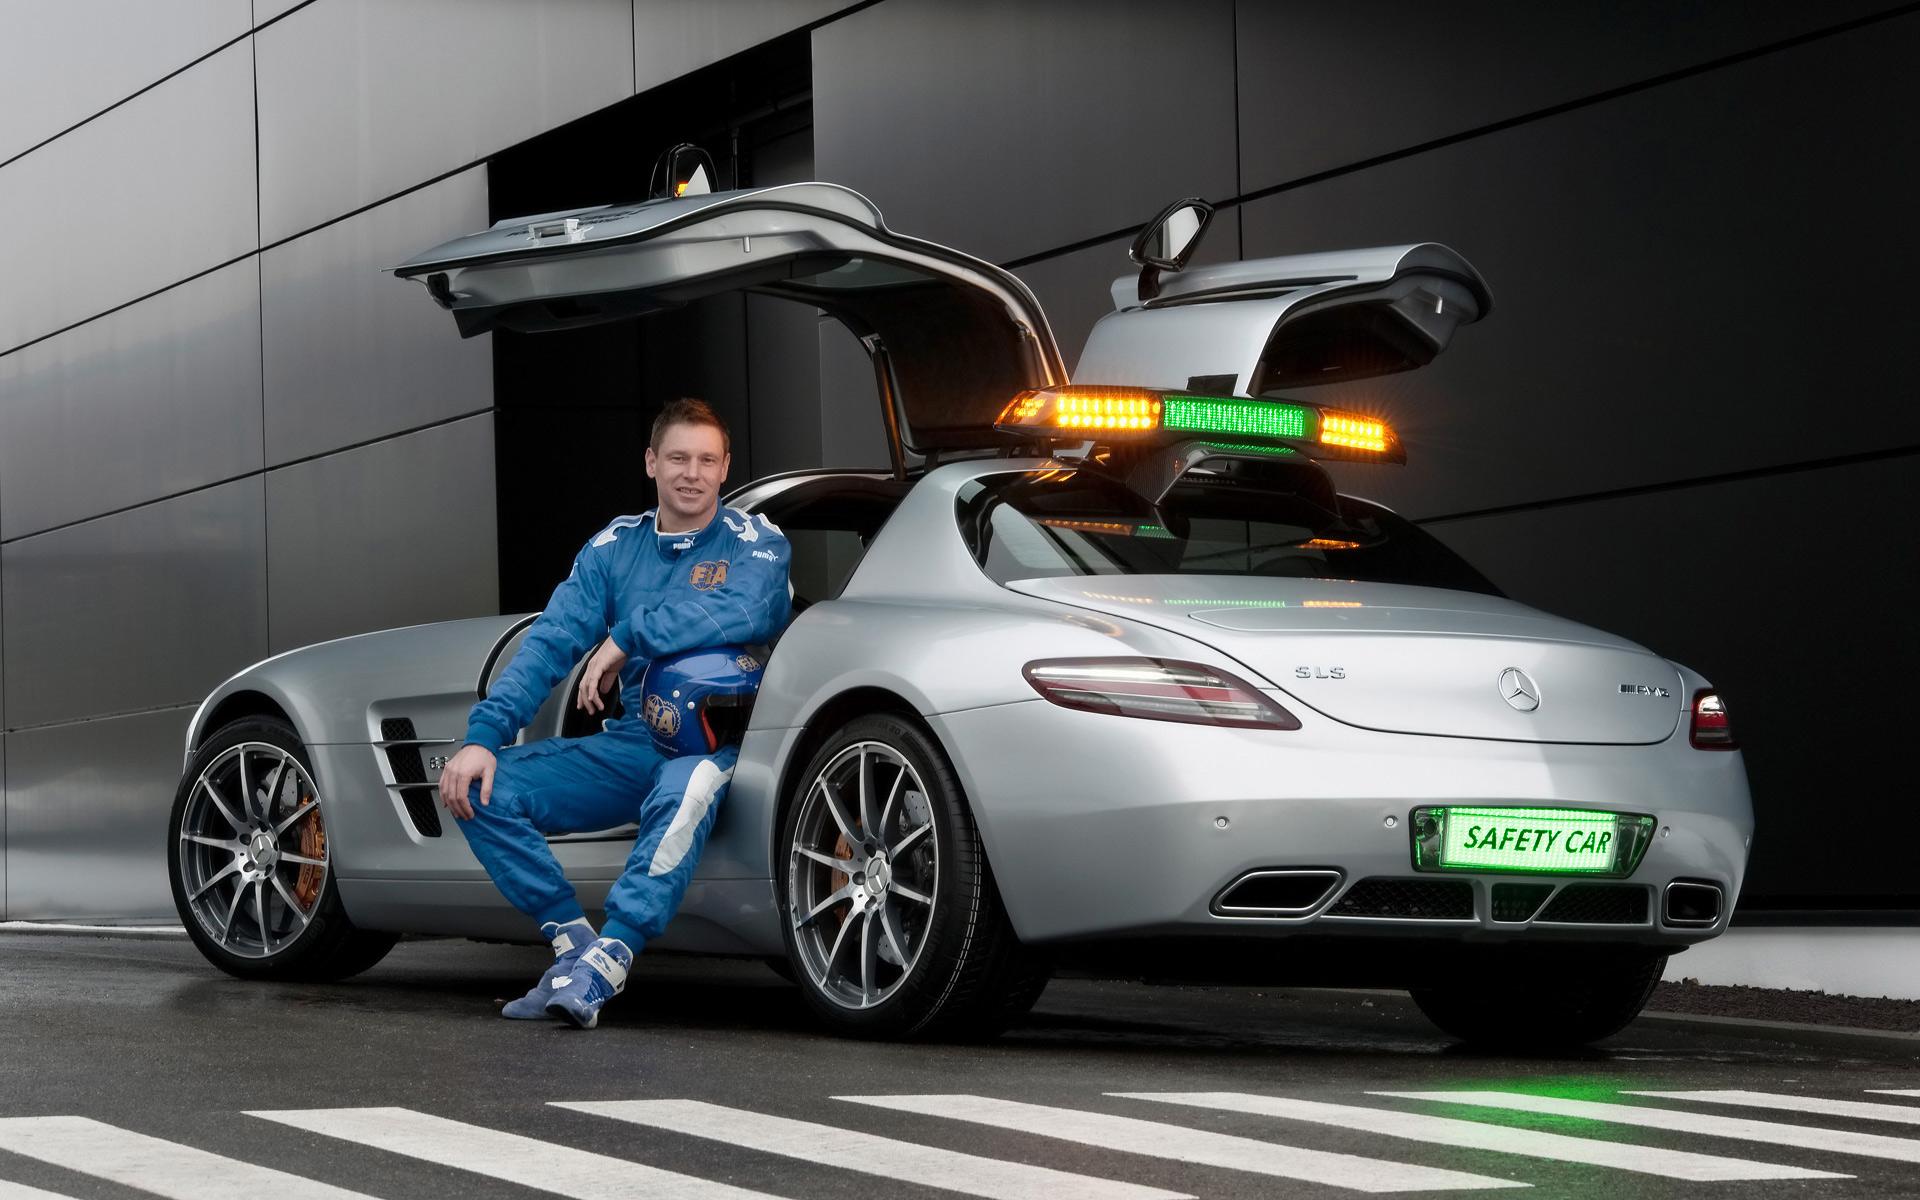 Mercedes-Benz Safety car бесплатно